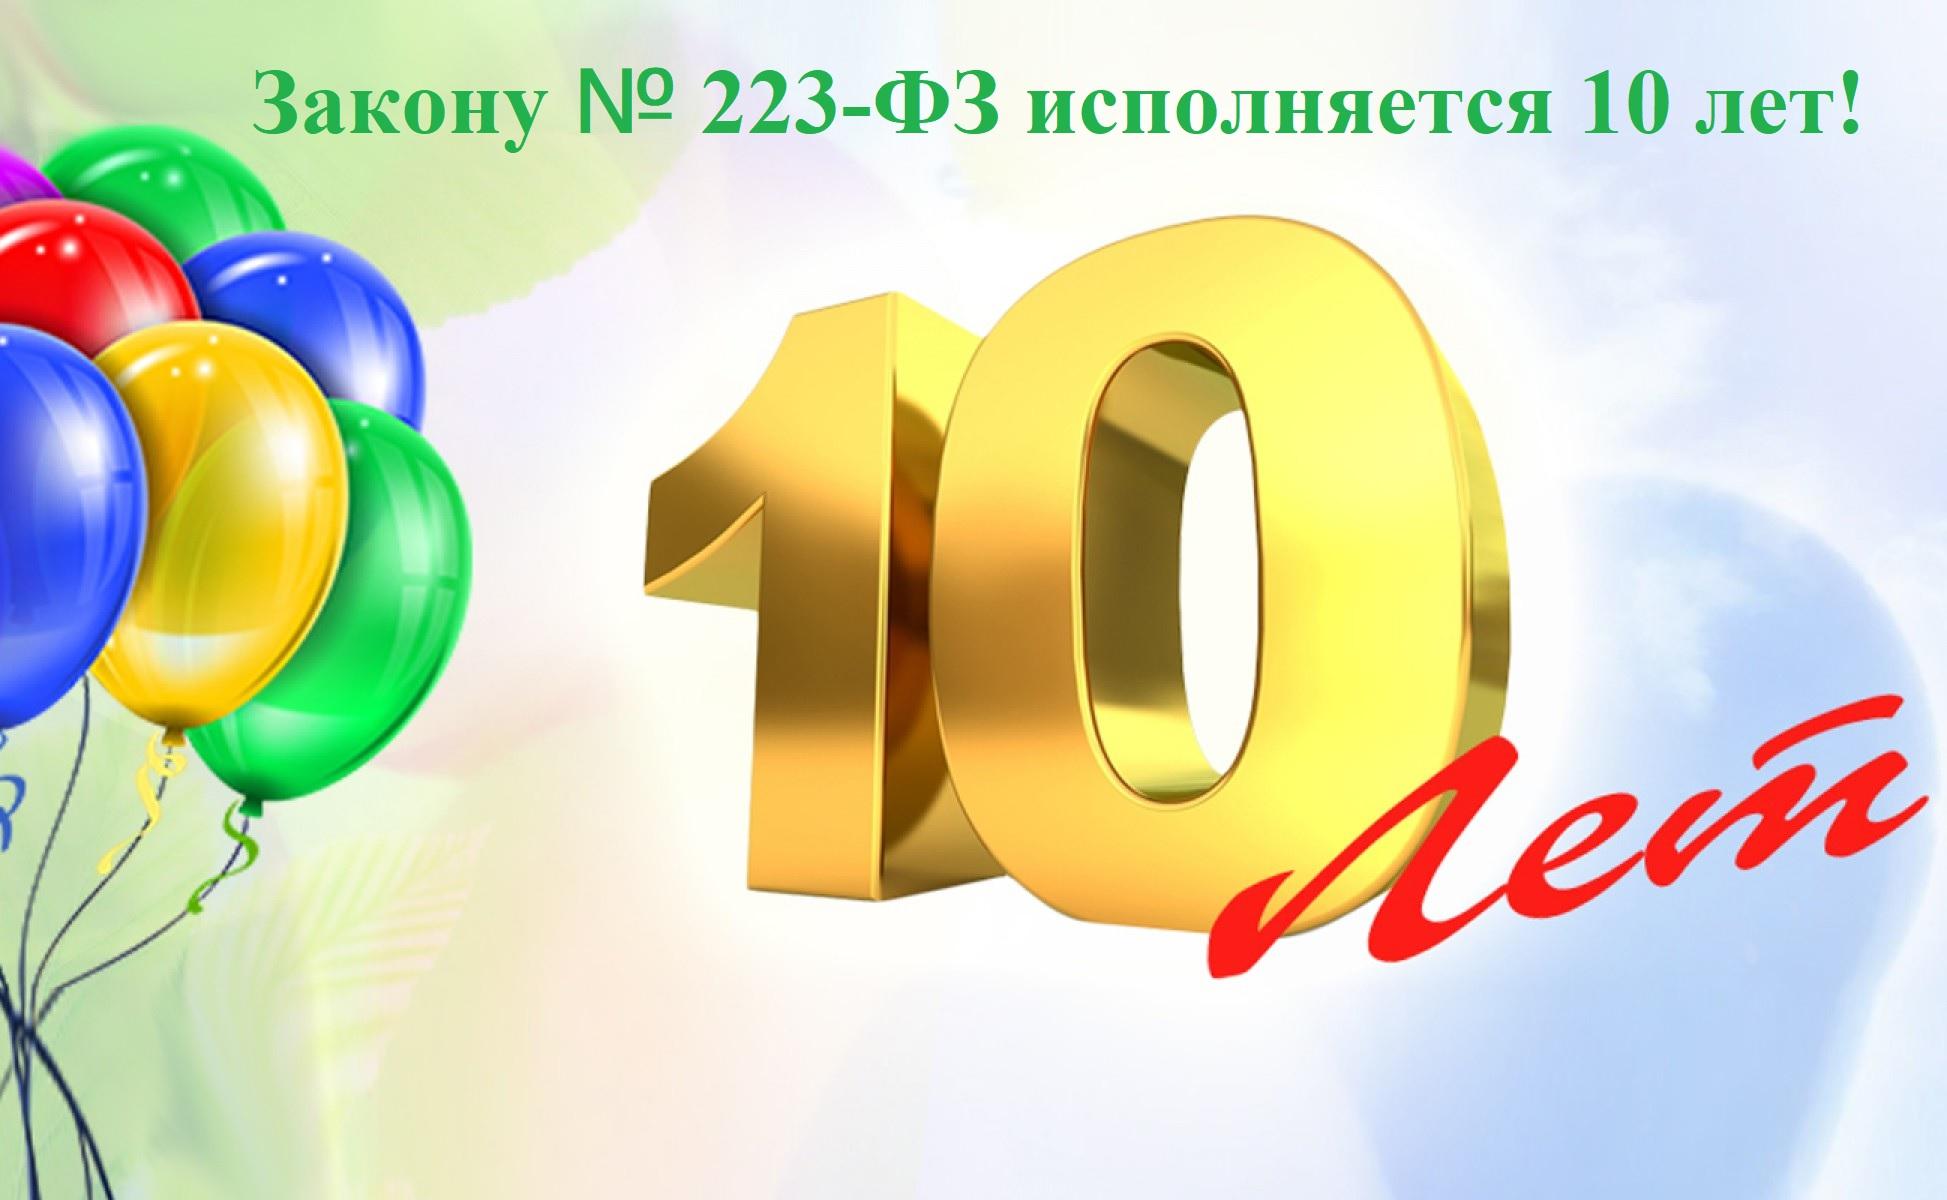 Закону № 223-ФЗ исполняется 10 лет!